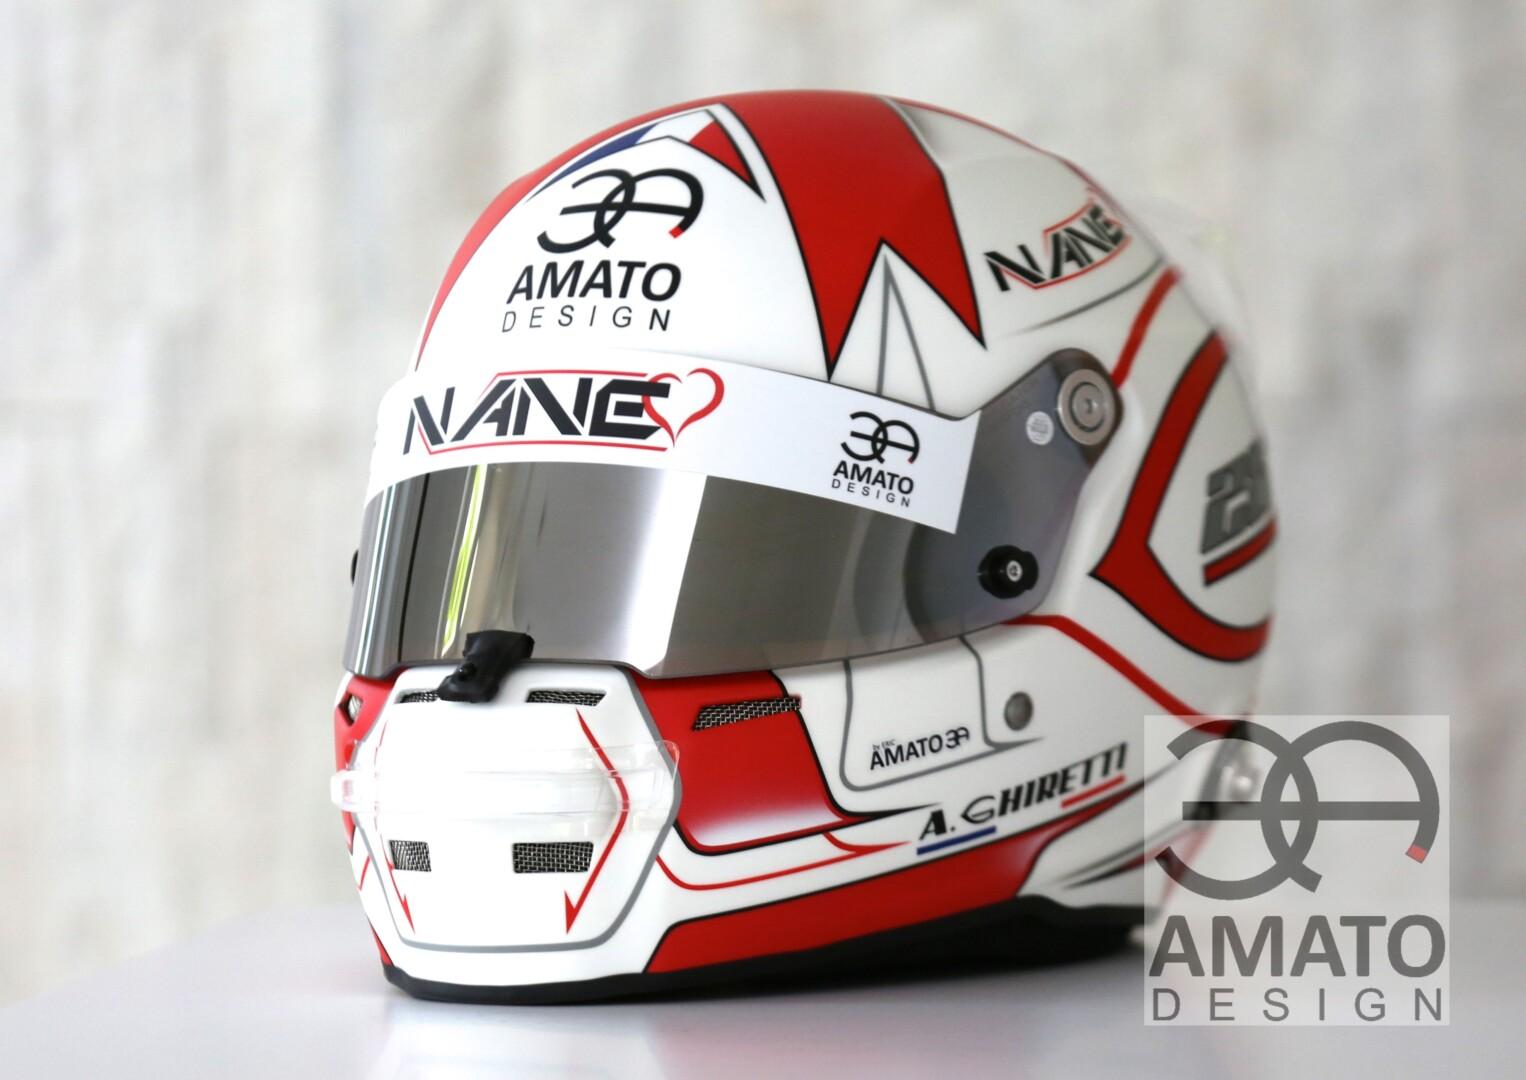 Casque conçu et réalisé par AMATO DESIGN pour le jeune pilote Alessandro Ghiretti, pilote Groupvirage en catégorie LMP3